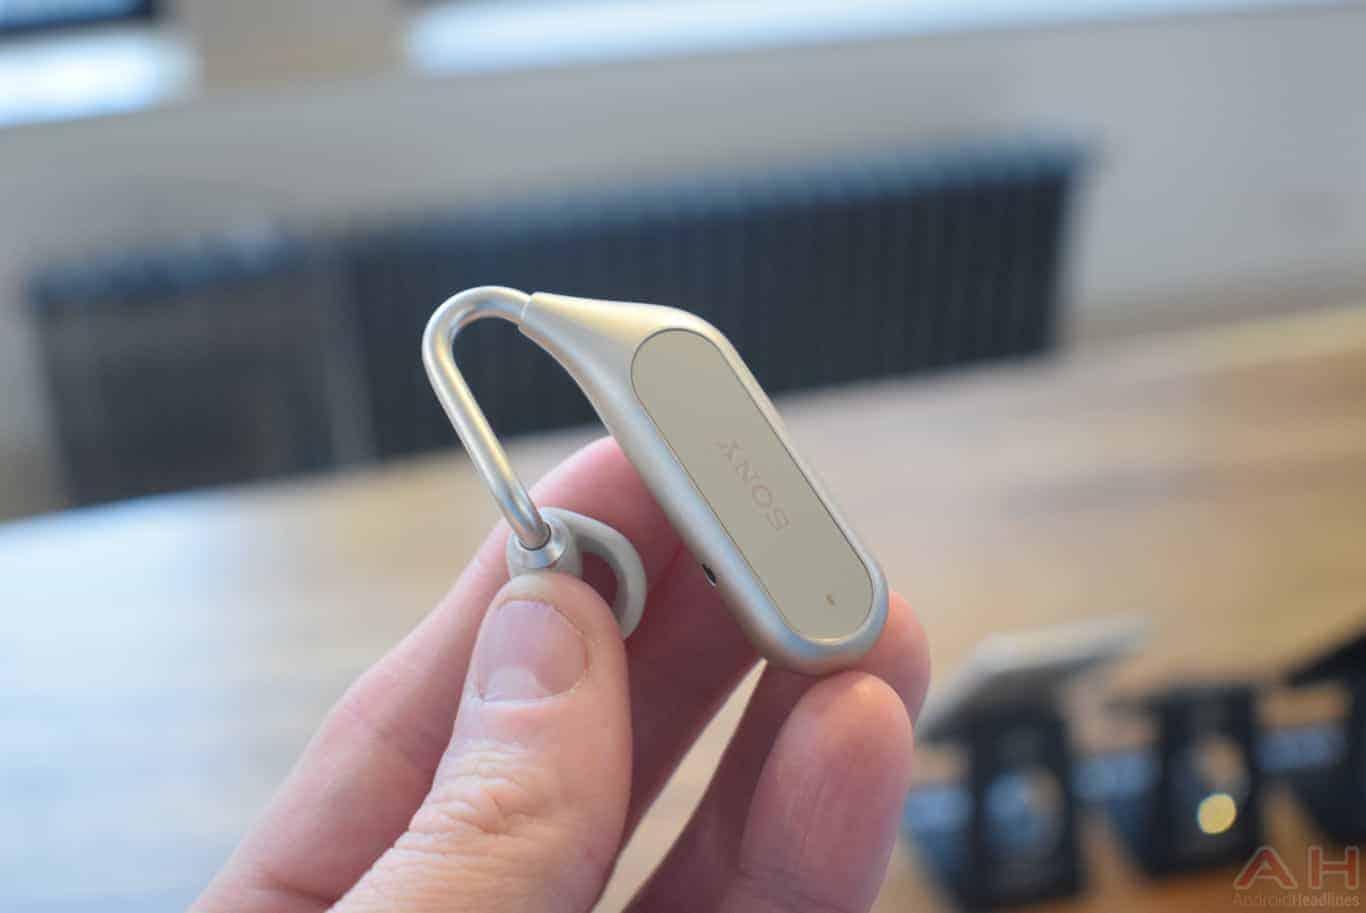 Sony Xperia Ear Duo MWC 18 AM AH 10